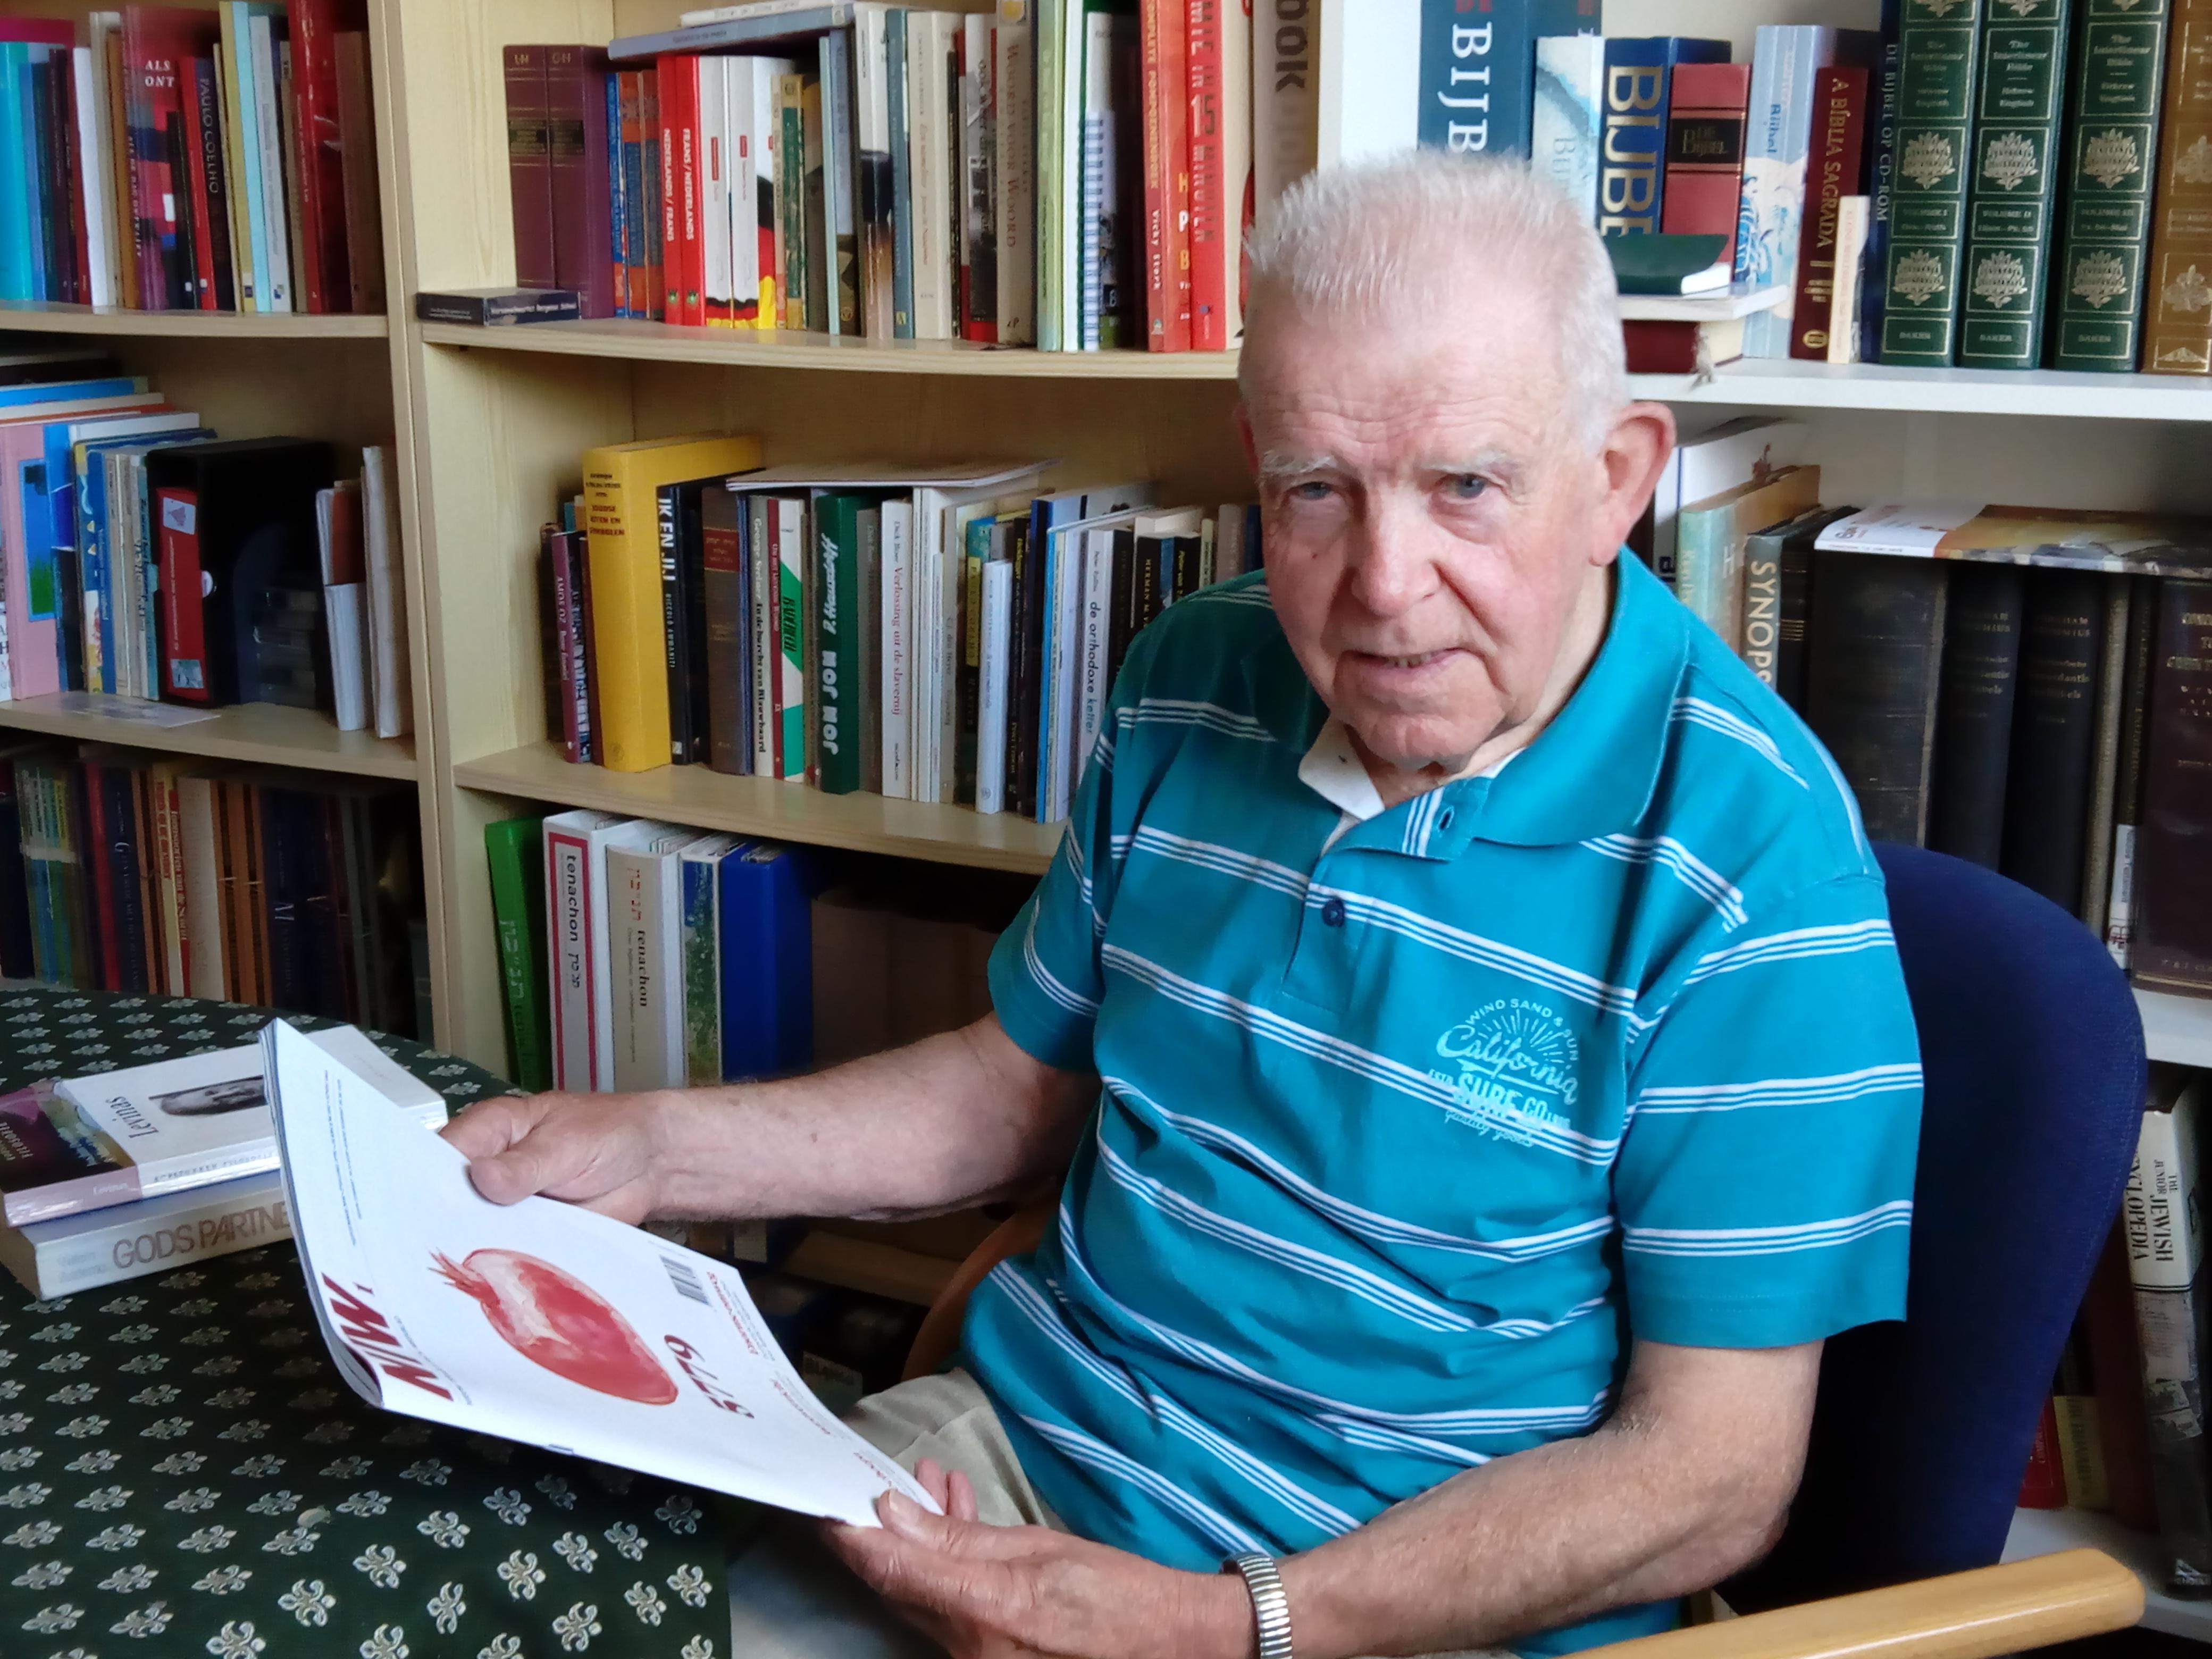 Jan Henneman bladert in het Nieuw Israëlitisch Weekblad, een tijdschrift waarop hij is geabonneerd en waaruit hij veel inspiratie haalt. (Foto: Bos Media Services)